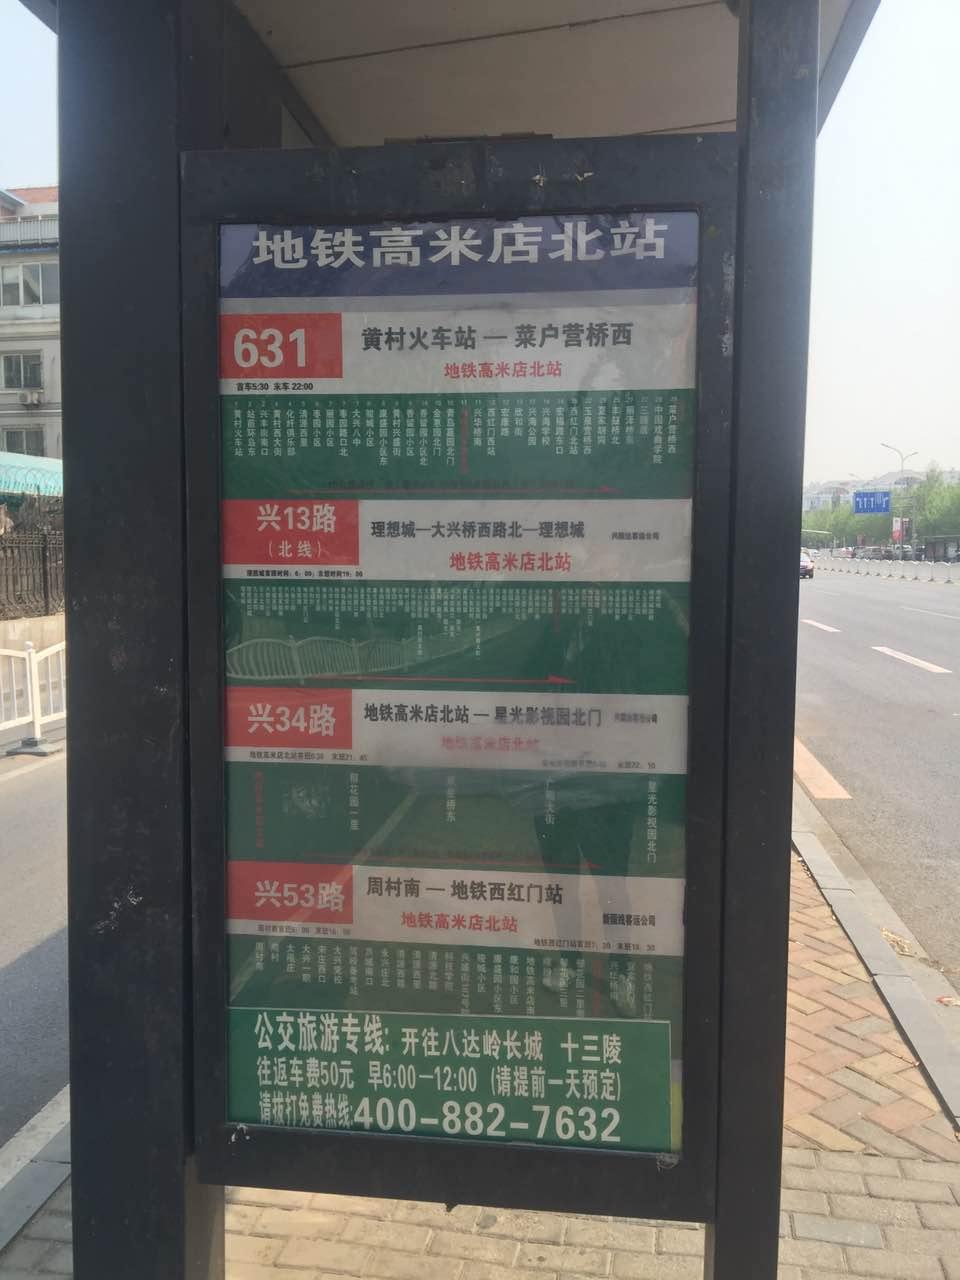 小编乘公交车兴34路来到园区